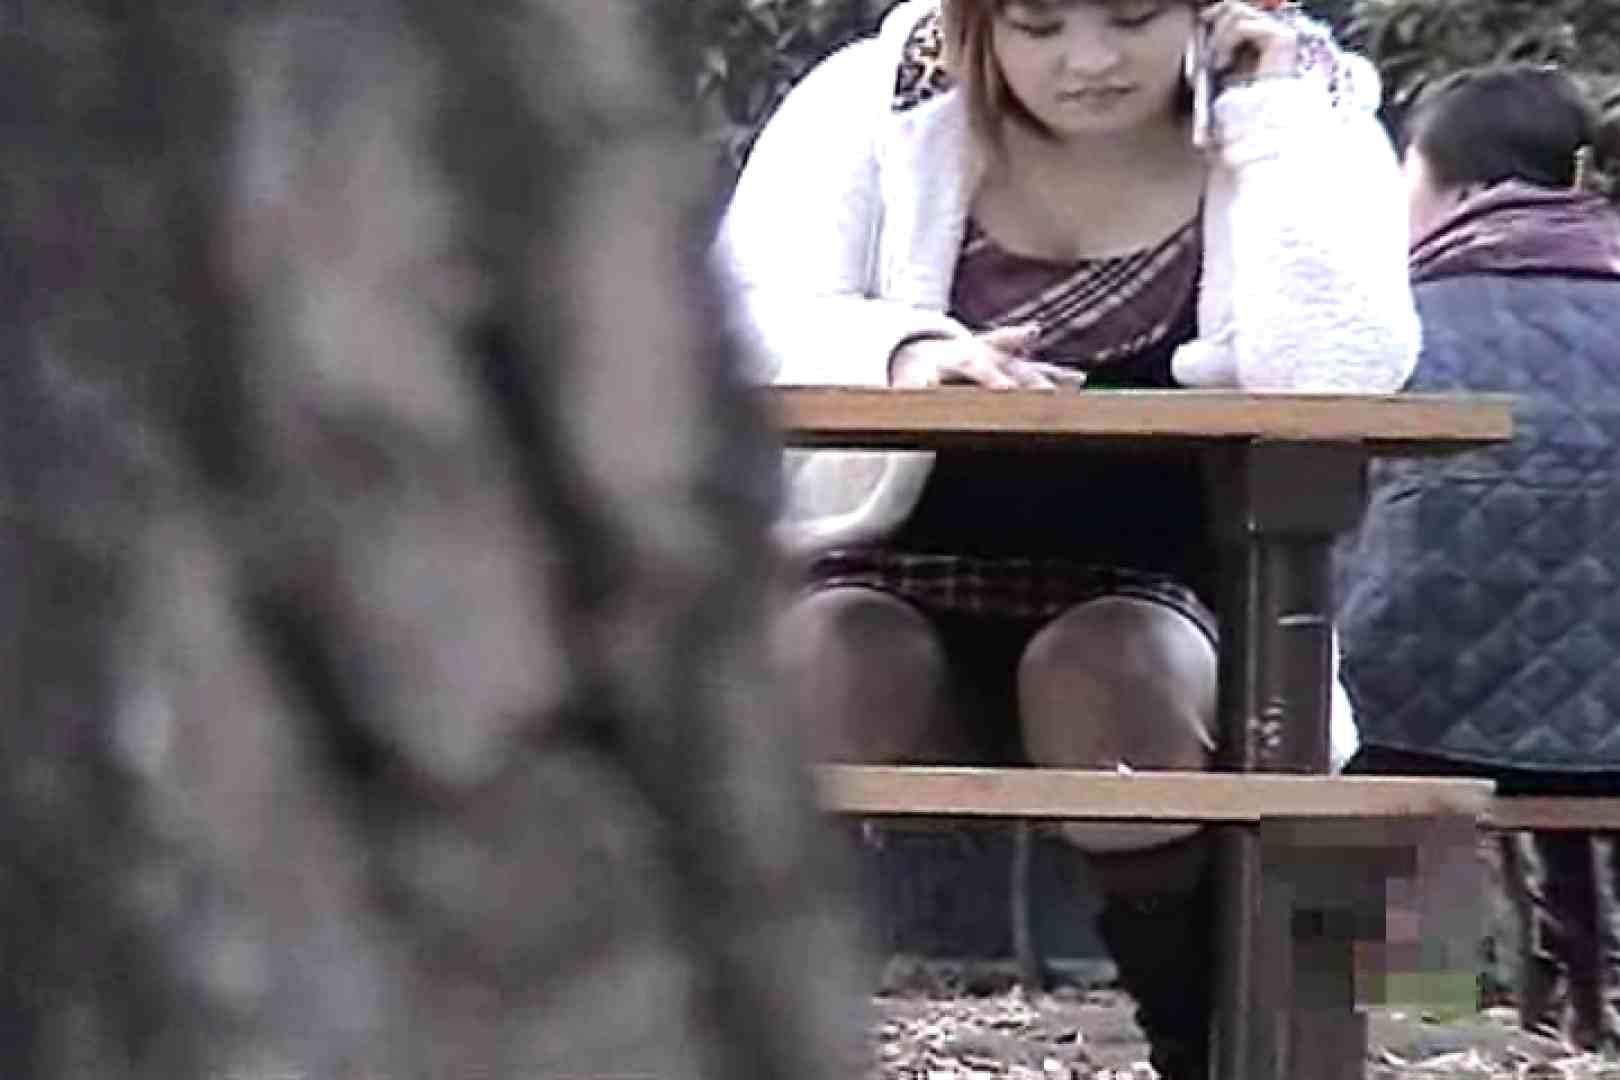 マンチラインパクトVol.2 S級美女ギャル  80画像 56